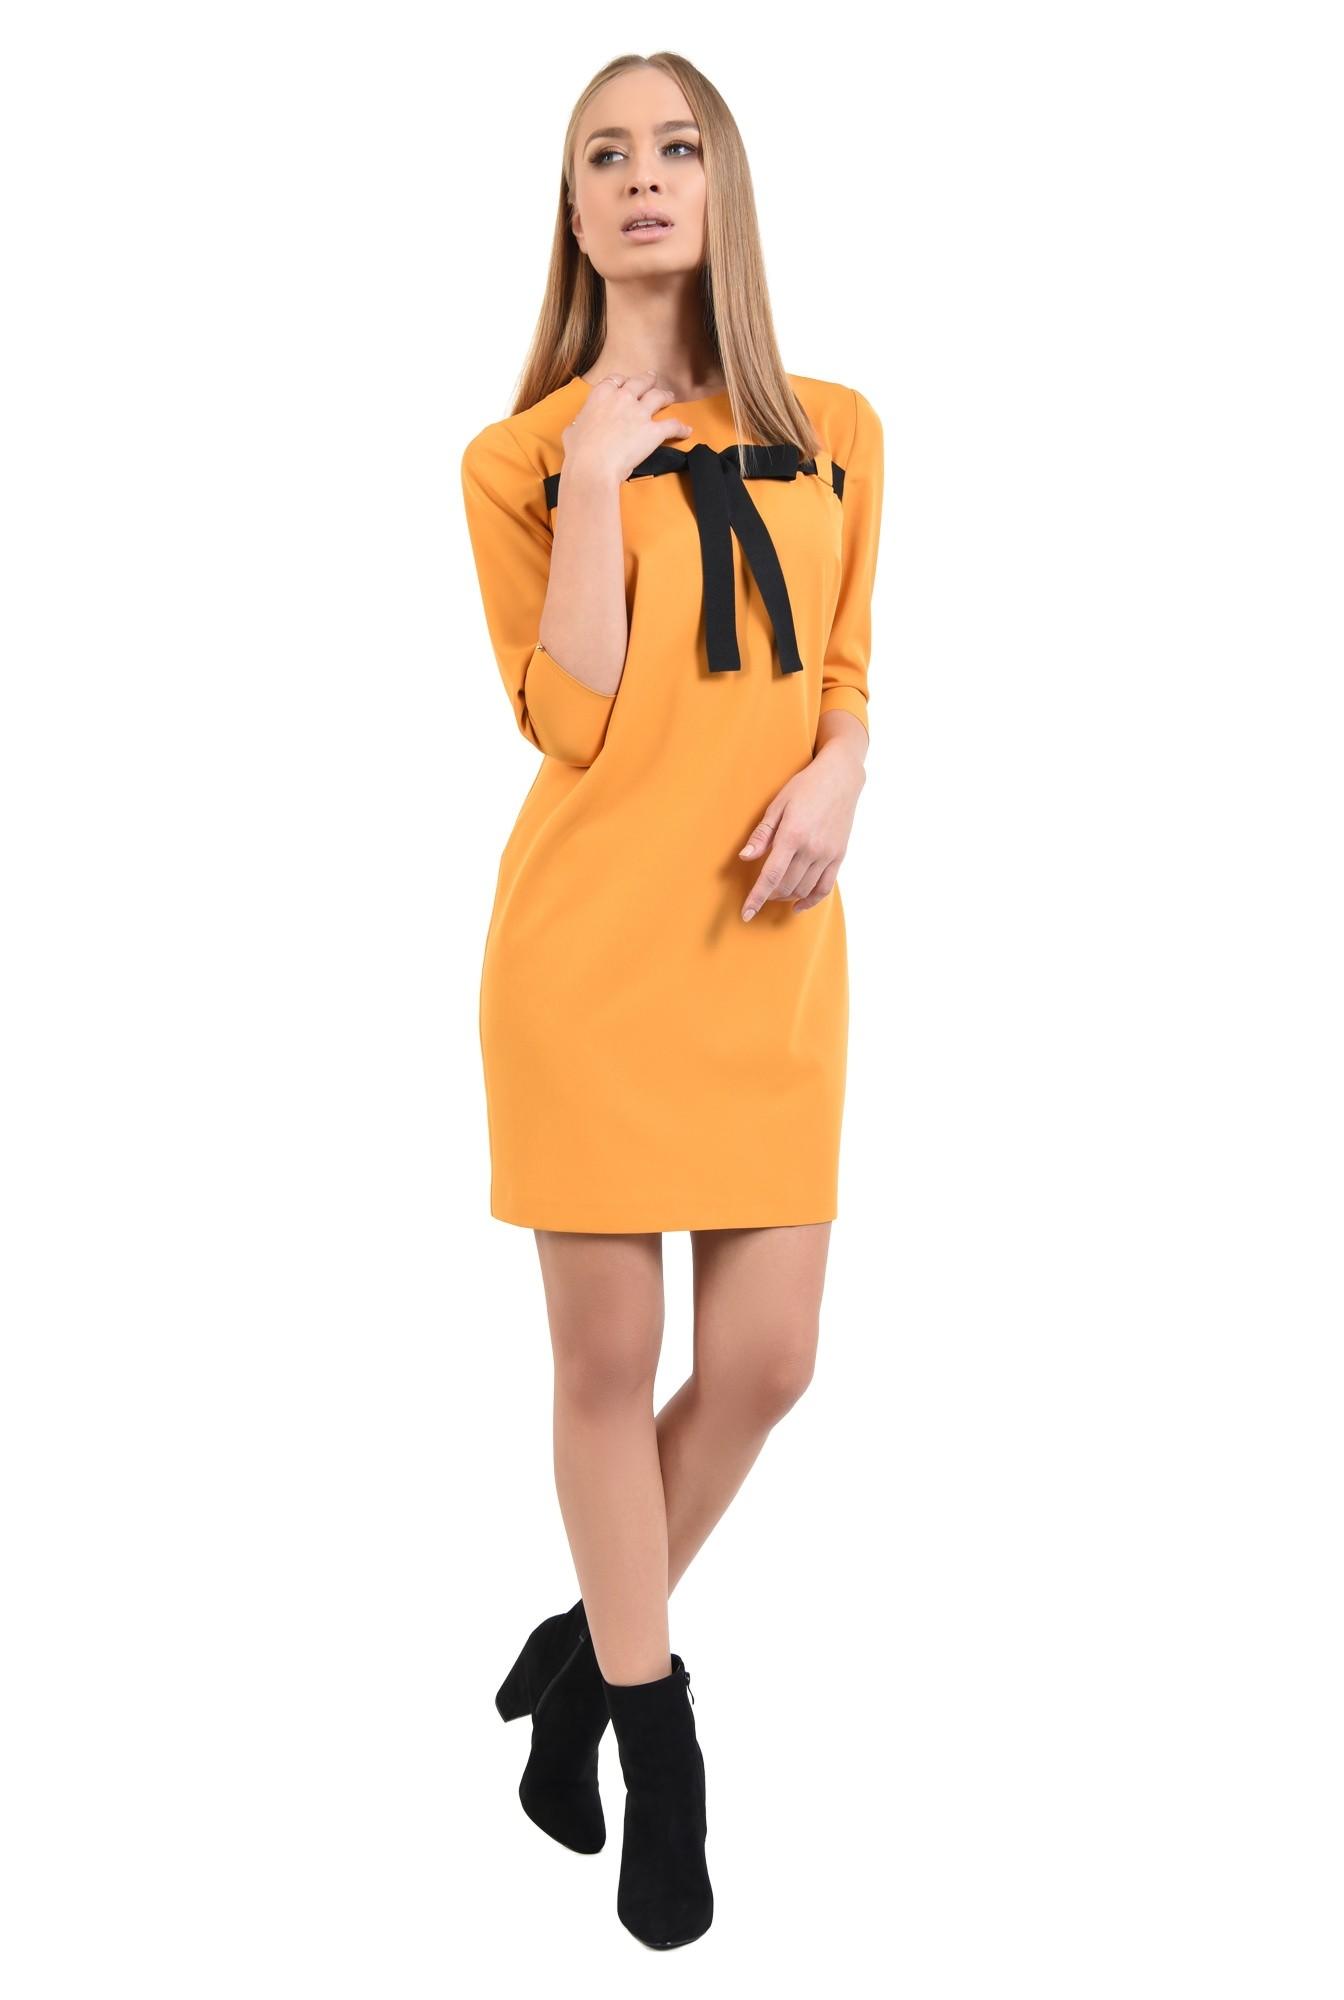 3 - 360 - rochie casual, galben mustar, croi drept lejer, maneci tubulare, rips negru, rochii online